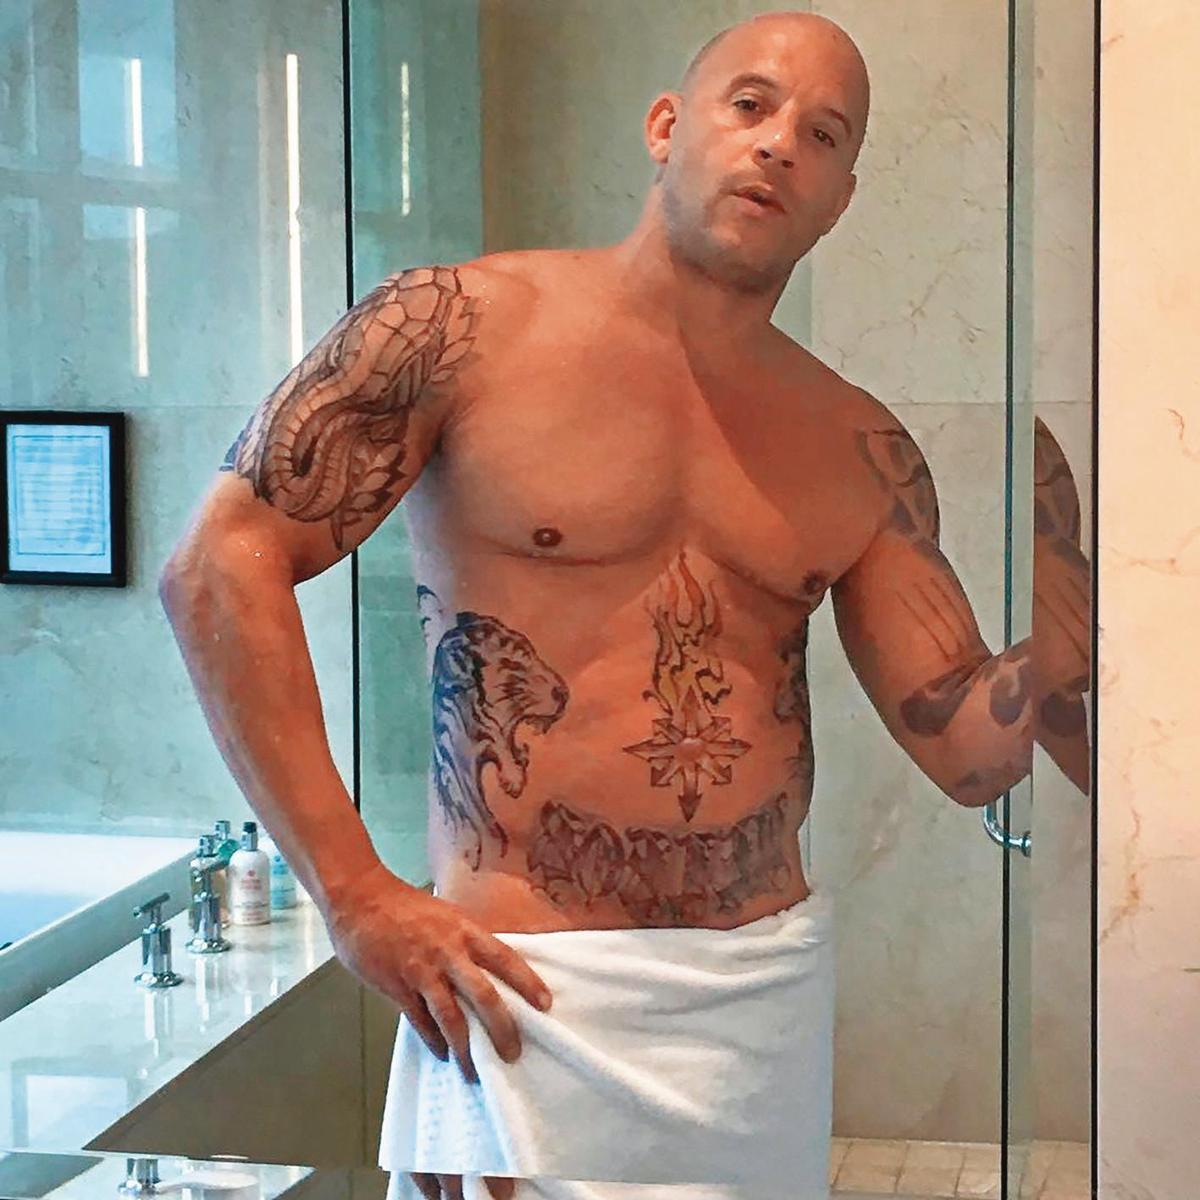 蔣友柏越練越壯,加上光頭、手臂刺青,神似好萊塢肌肉巨棒馮迪索。(翻攝自馮迪索IG)